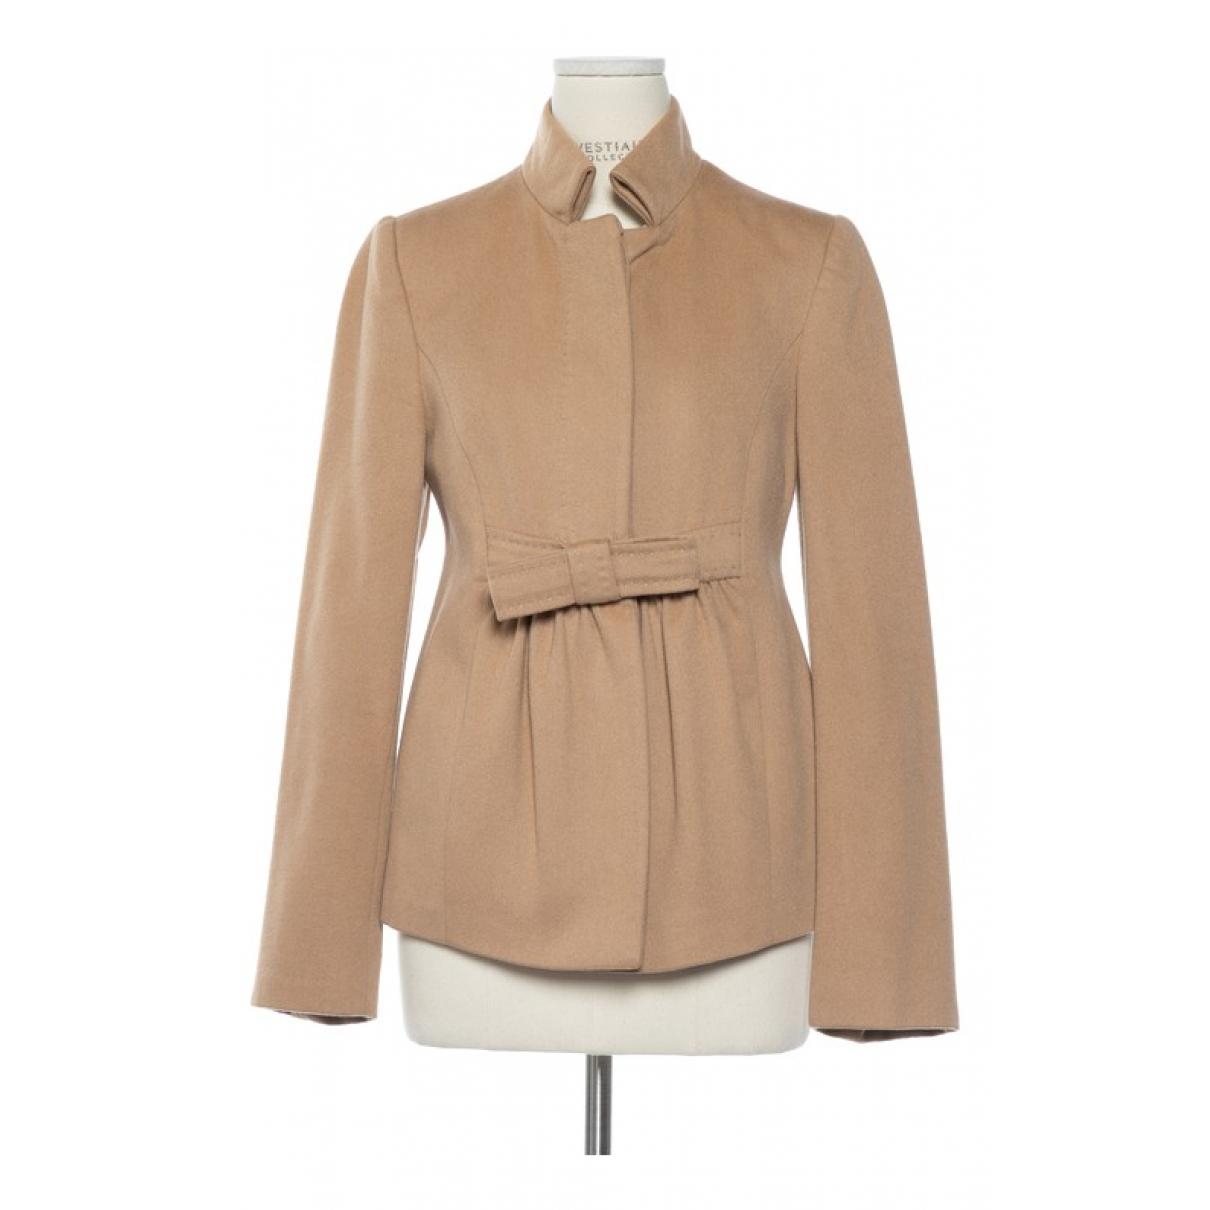 Stella Mccartney \N Brown Wool jacket for Women 36 IT